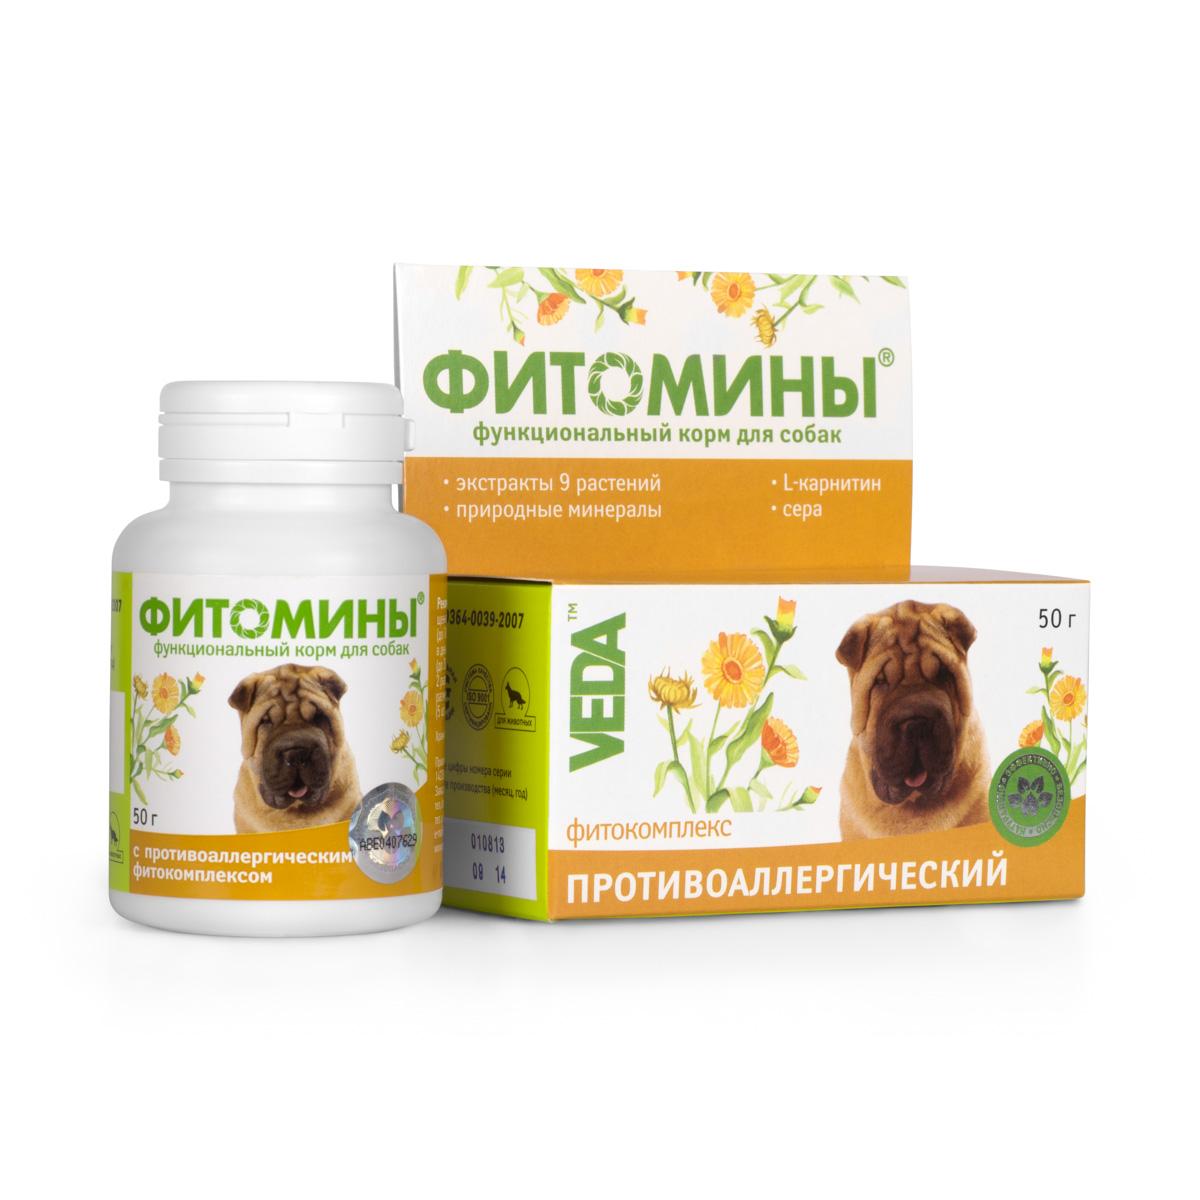 Корм для собак VEDA Фитомины, функциональный, с противоаллергическим фитокомплексом, 50 г4605543005794Функциональный корм для собак VEDA Фитомины с противоаллергическим фитокомплексом снижает выраженность аллергических реакций на пищу, бытовую химию и лекарственные раздражители. Рекомендуется включать в рацион: - при проявлении кожных аллергических реакций: зуд, покраснение, сыпь, экзема, - при рвоте и диарее вследствие аллергии, - для снижения предрасположенности к аллергическим заболеваниям. Состав: лактоза; крахмал; дрожжи пивные; фитокомплекс: травы сушеницы топяной, травы череды, травы тысячелистника, травы чистотела, почек березовых, листьев березы, листьев подорожника большого, корней лопуха, корней одуванчика, цветков ноготков; природный минеральный комплекс; паровая мясная мука; стеарат кальция; L-карнитин; сера. В 100 г продукта содержится (не менее): углеводы - 87 г; жиры - 0,3 г; белки - 5,5 г; кальций - 600 мг; фосфор - 360 мг; железо - 15,0 мг; цинк - 4 мг; марганец - 0,1 мг; медь - 0,3 мг; L-карнитин - 0,5 г; сера -...